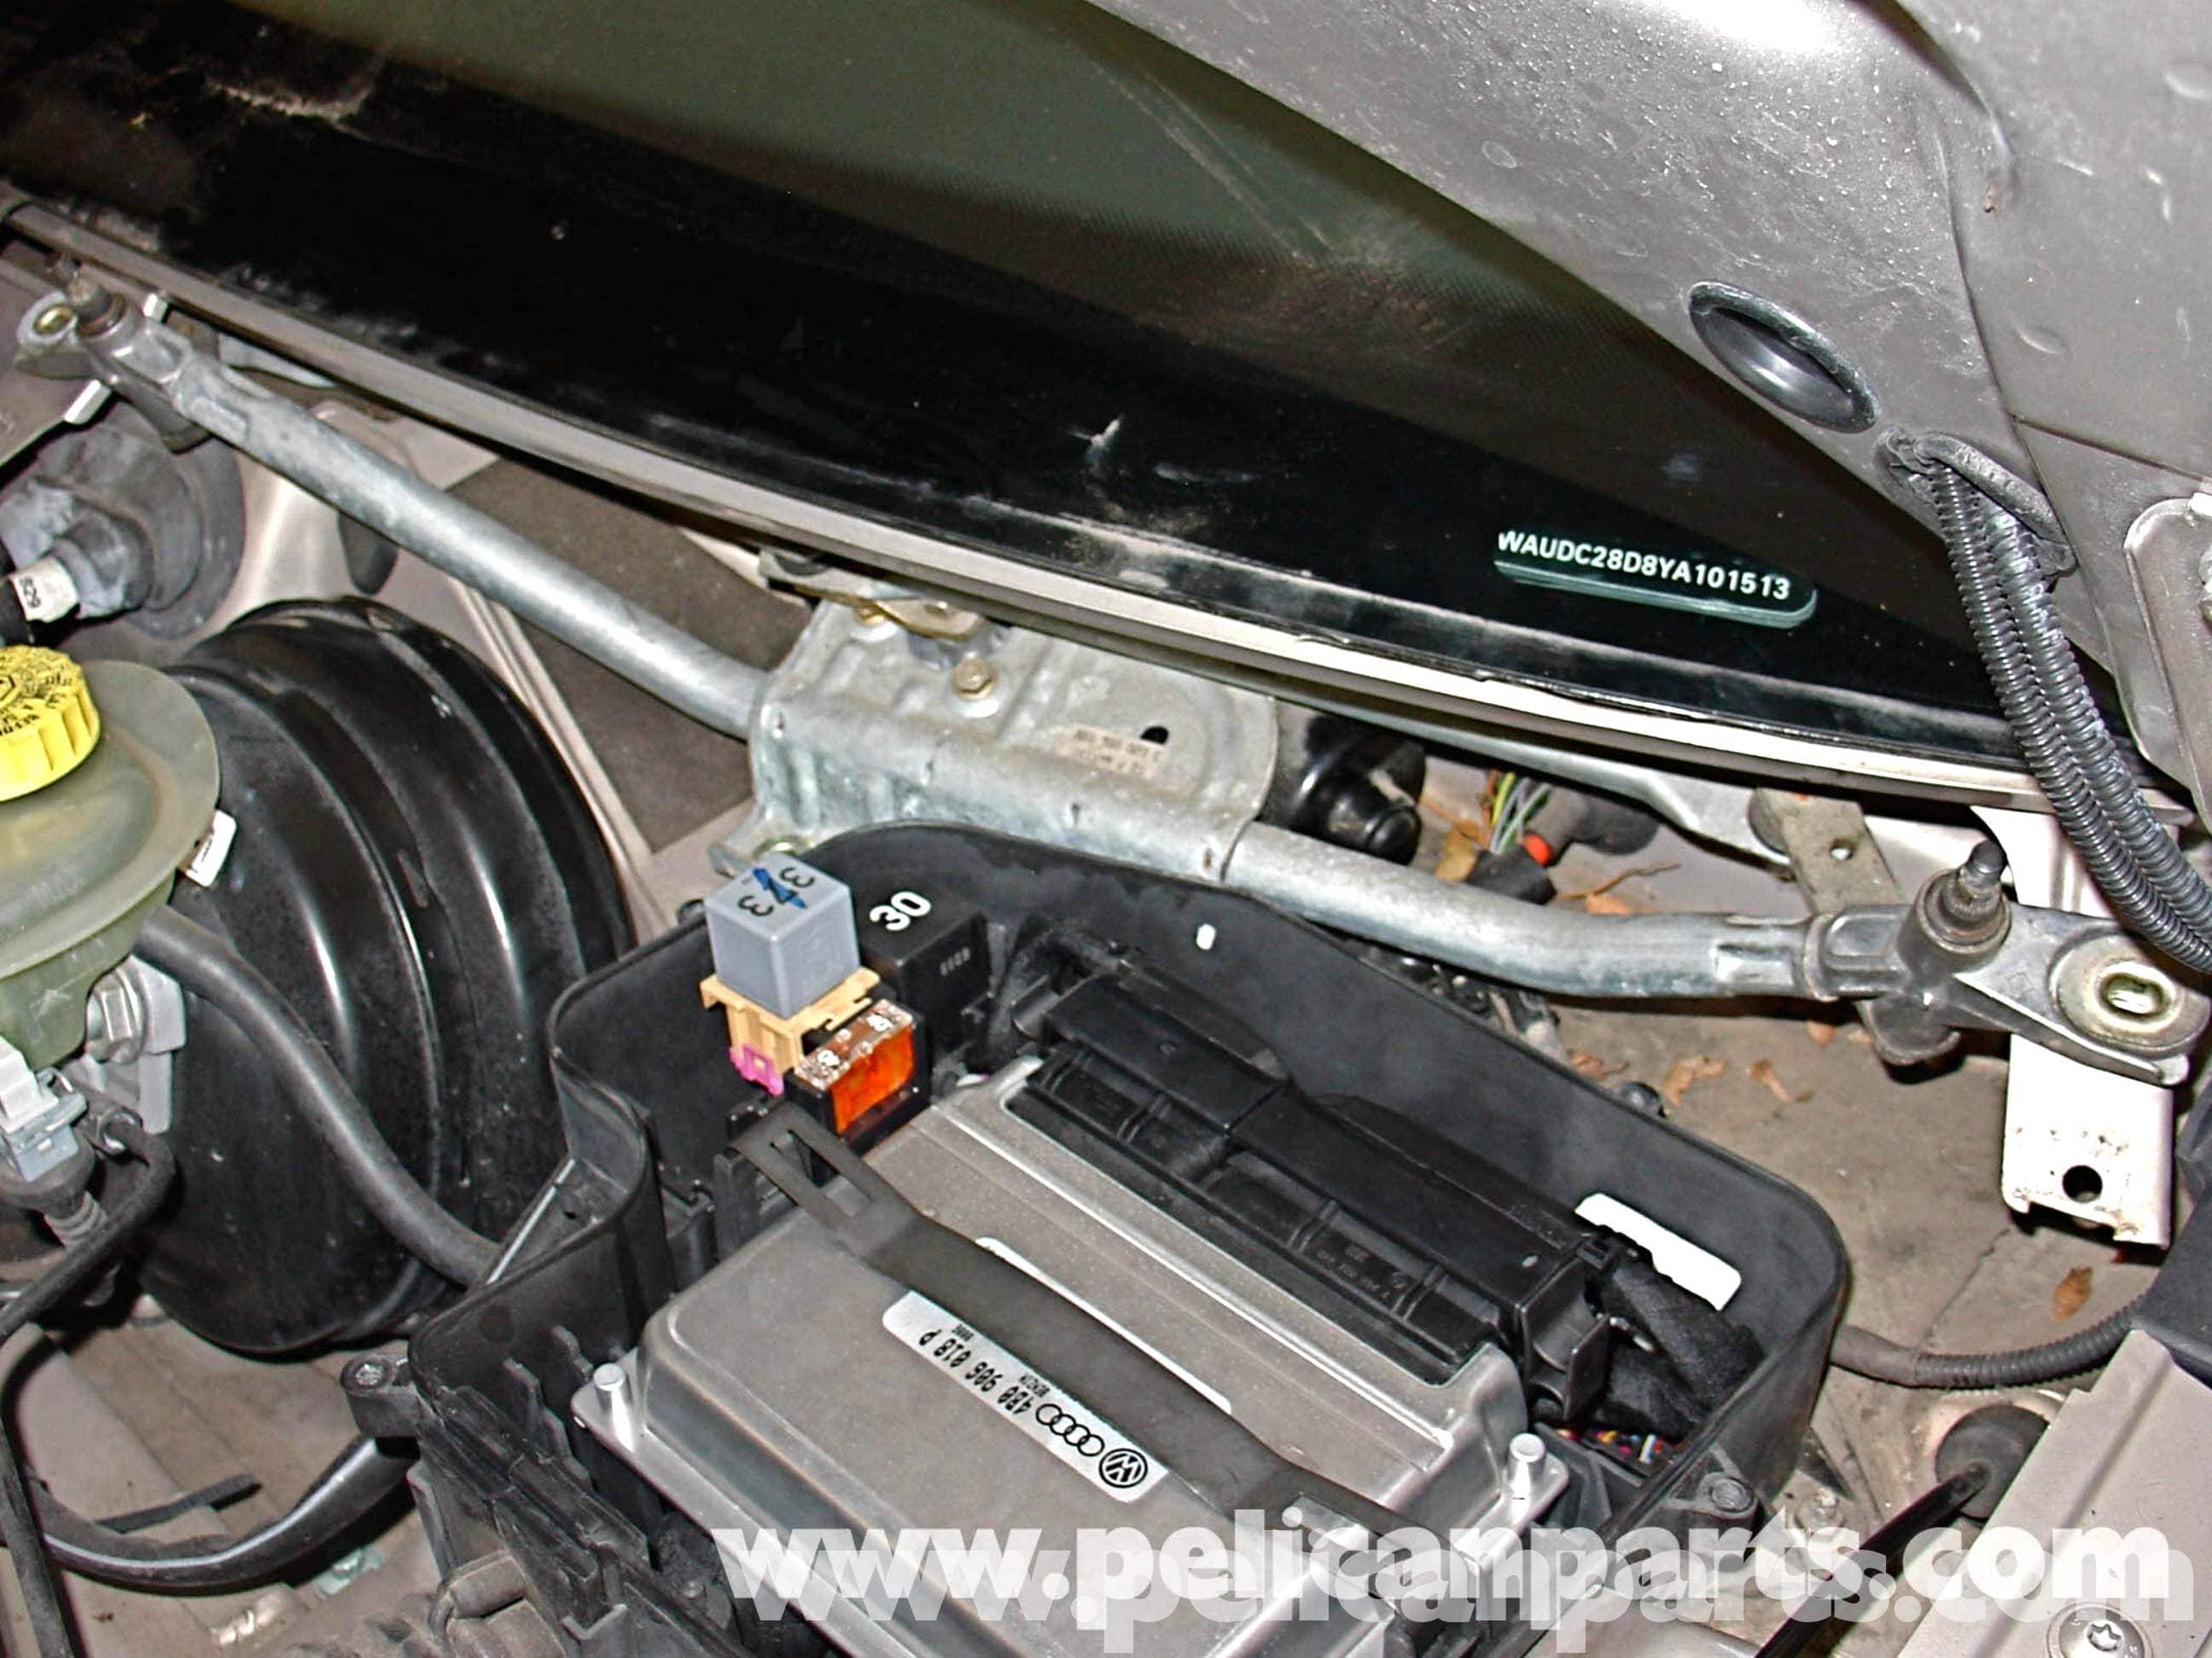 audi a4 1 8t volkswagen wiper motor replacement golf jetta rh pelicanparts com Audi A4 Quattro Audi A4 Quattro